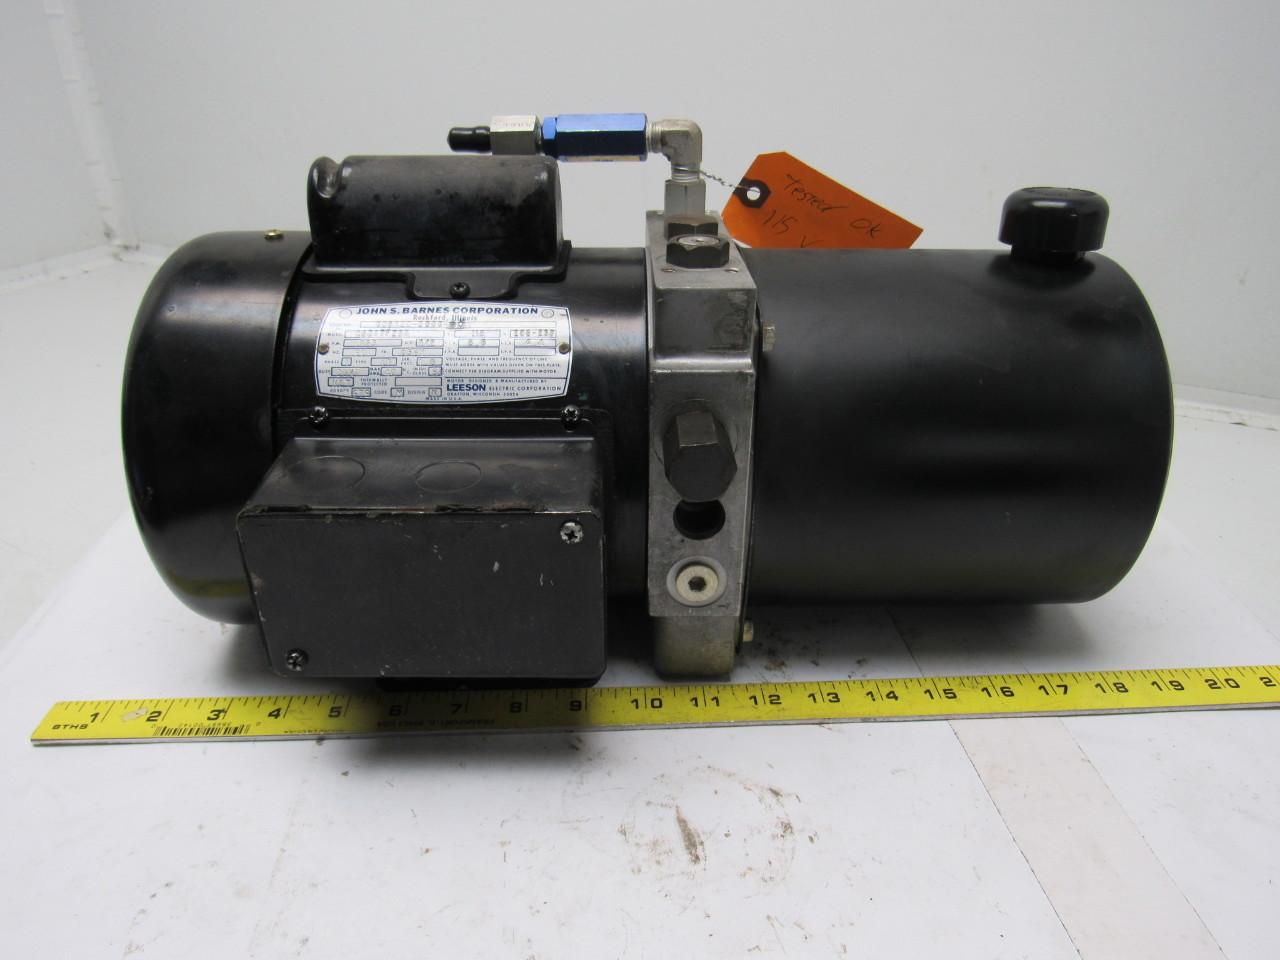 John s barnes corp c6c17fz5a hydraulic pump w leeson 1 2 for Electric motor hydraulic pump